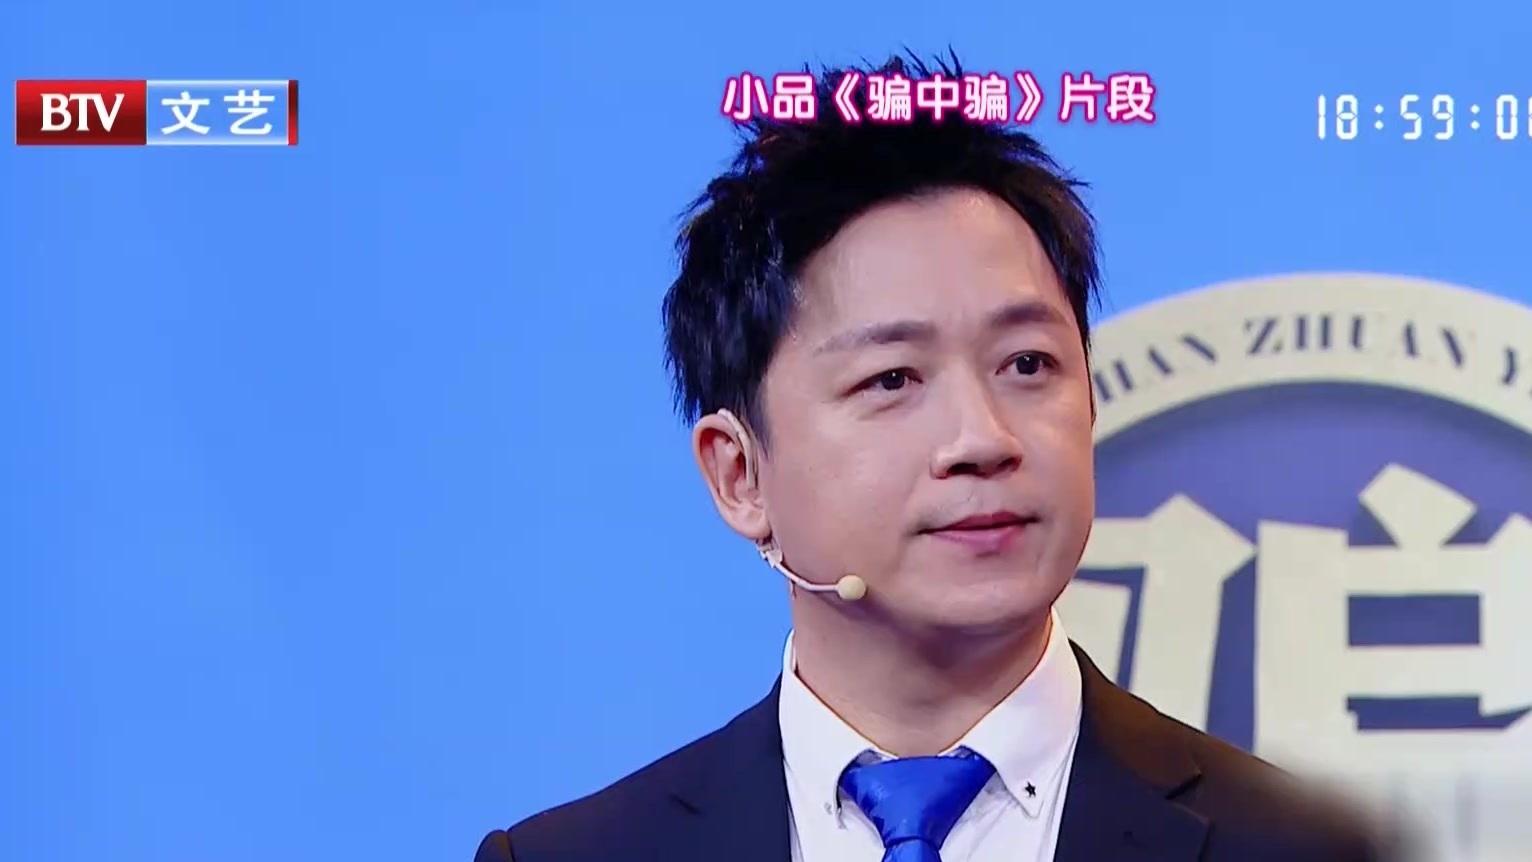 演员抢滩喜剧界之潜力股:潘粤明  打磨角色自信与日俱增